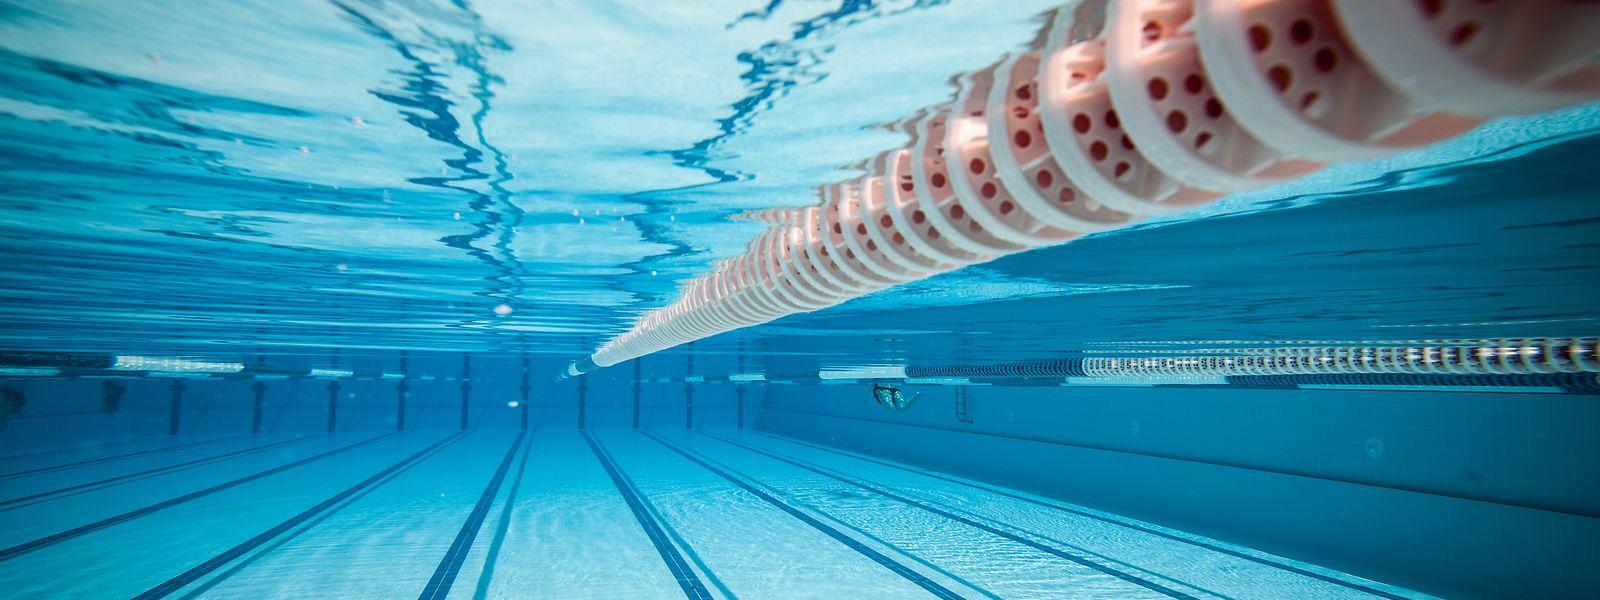 La recommandation du ministère des Sports ne concerne néanmoins pas les piscines.